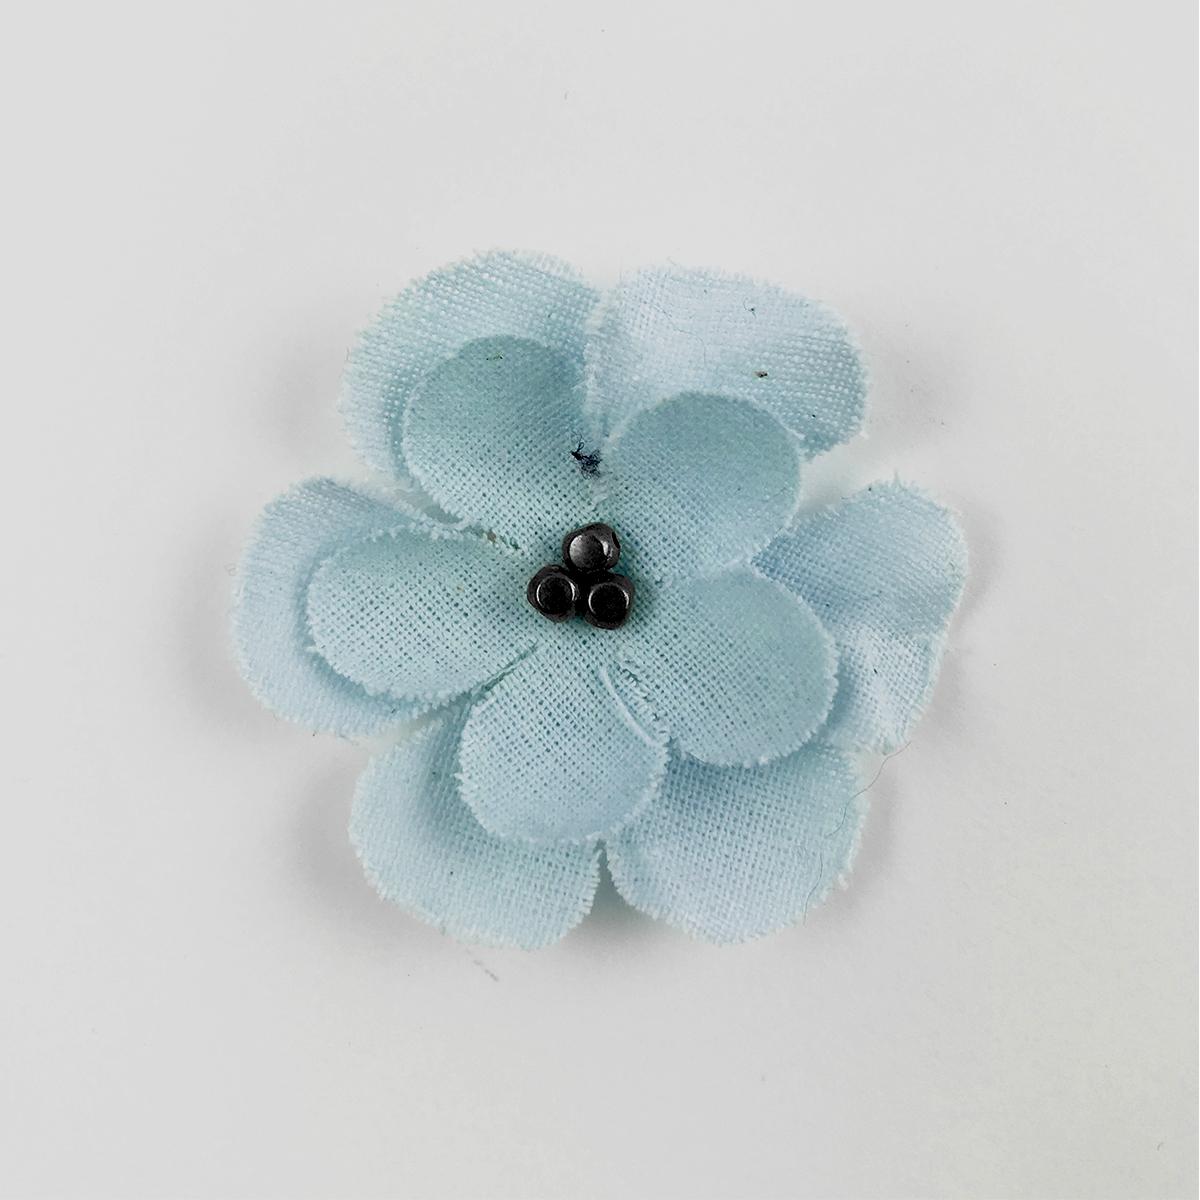 Blue Aesthetics & Photography by KAESPO Design + Branding